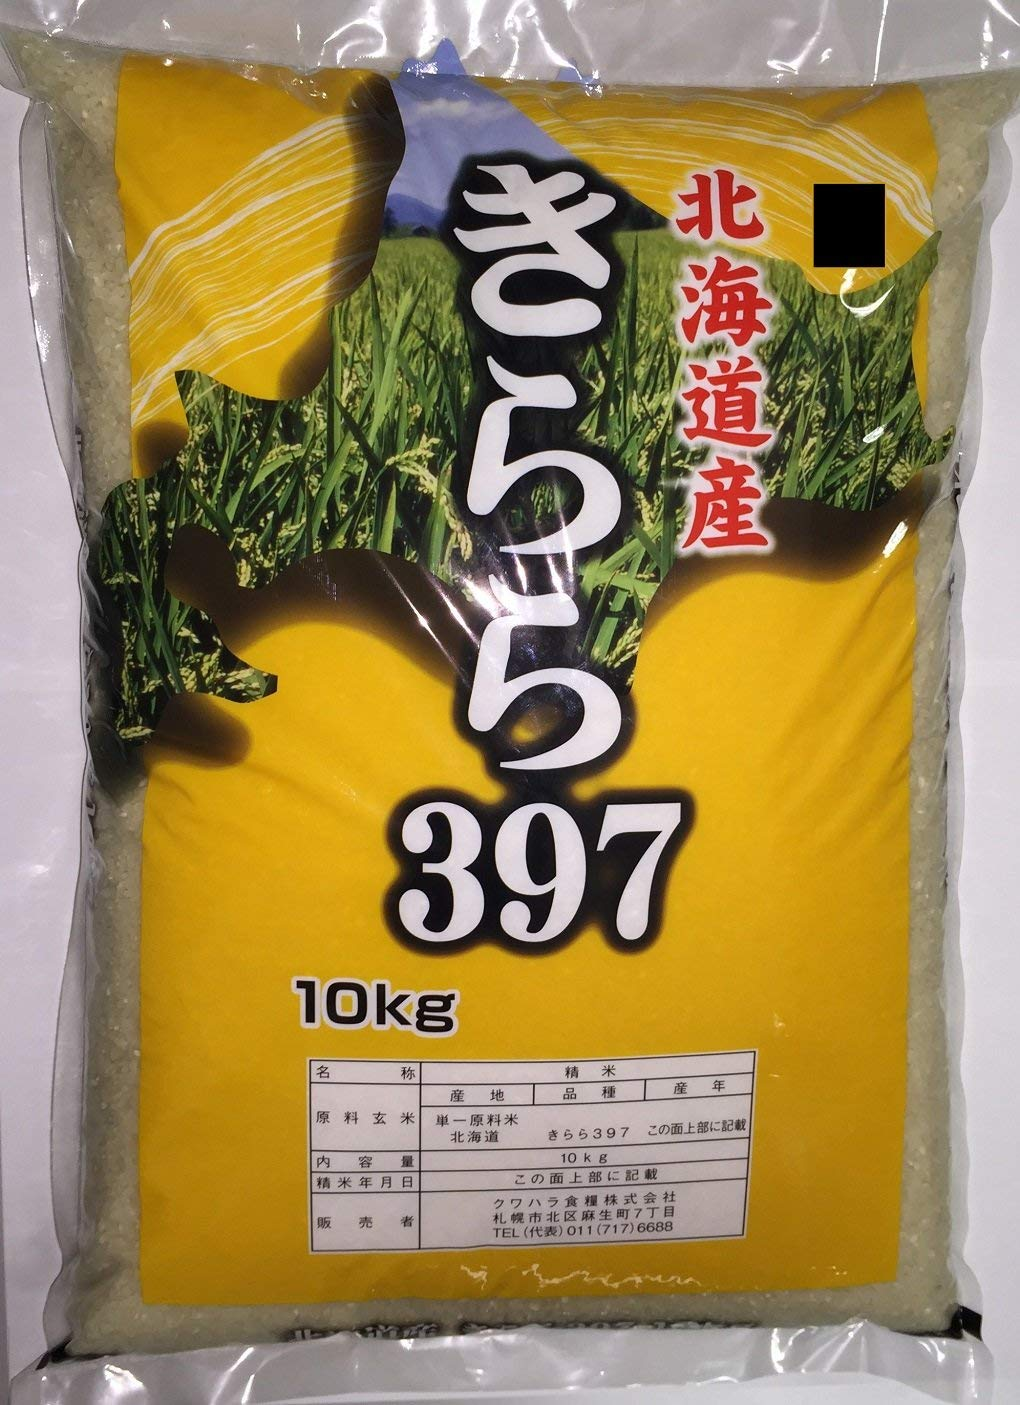 アマゾンで【精米】 北海道産 白米 きらら397 10kg 平成29年産がセール中。